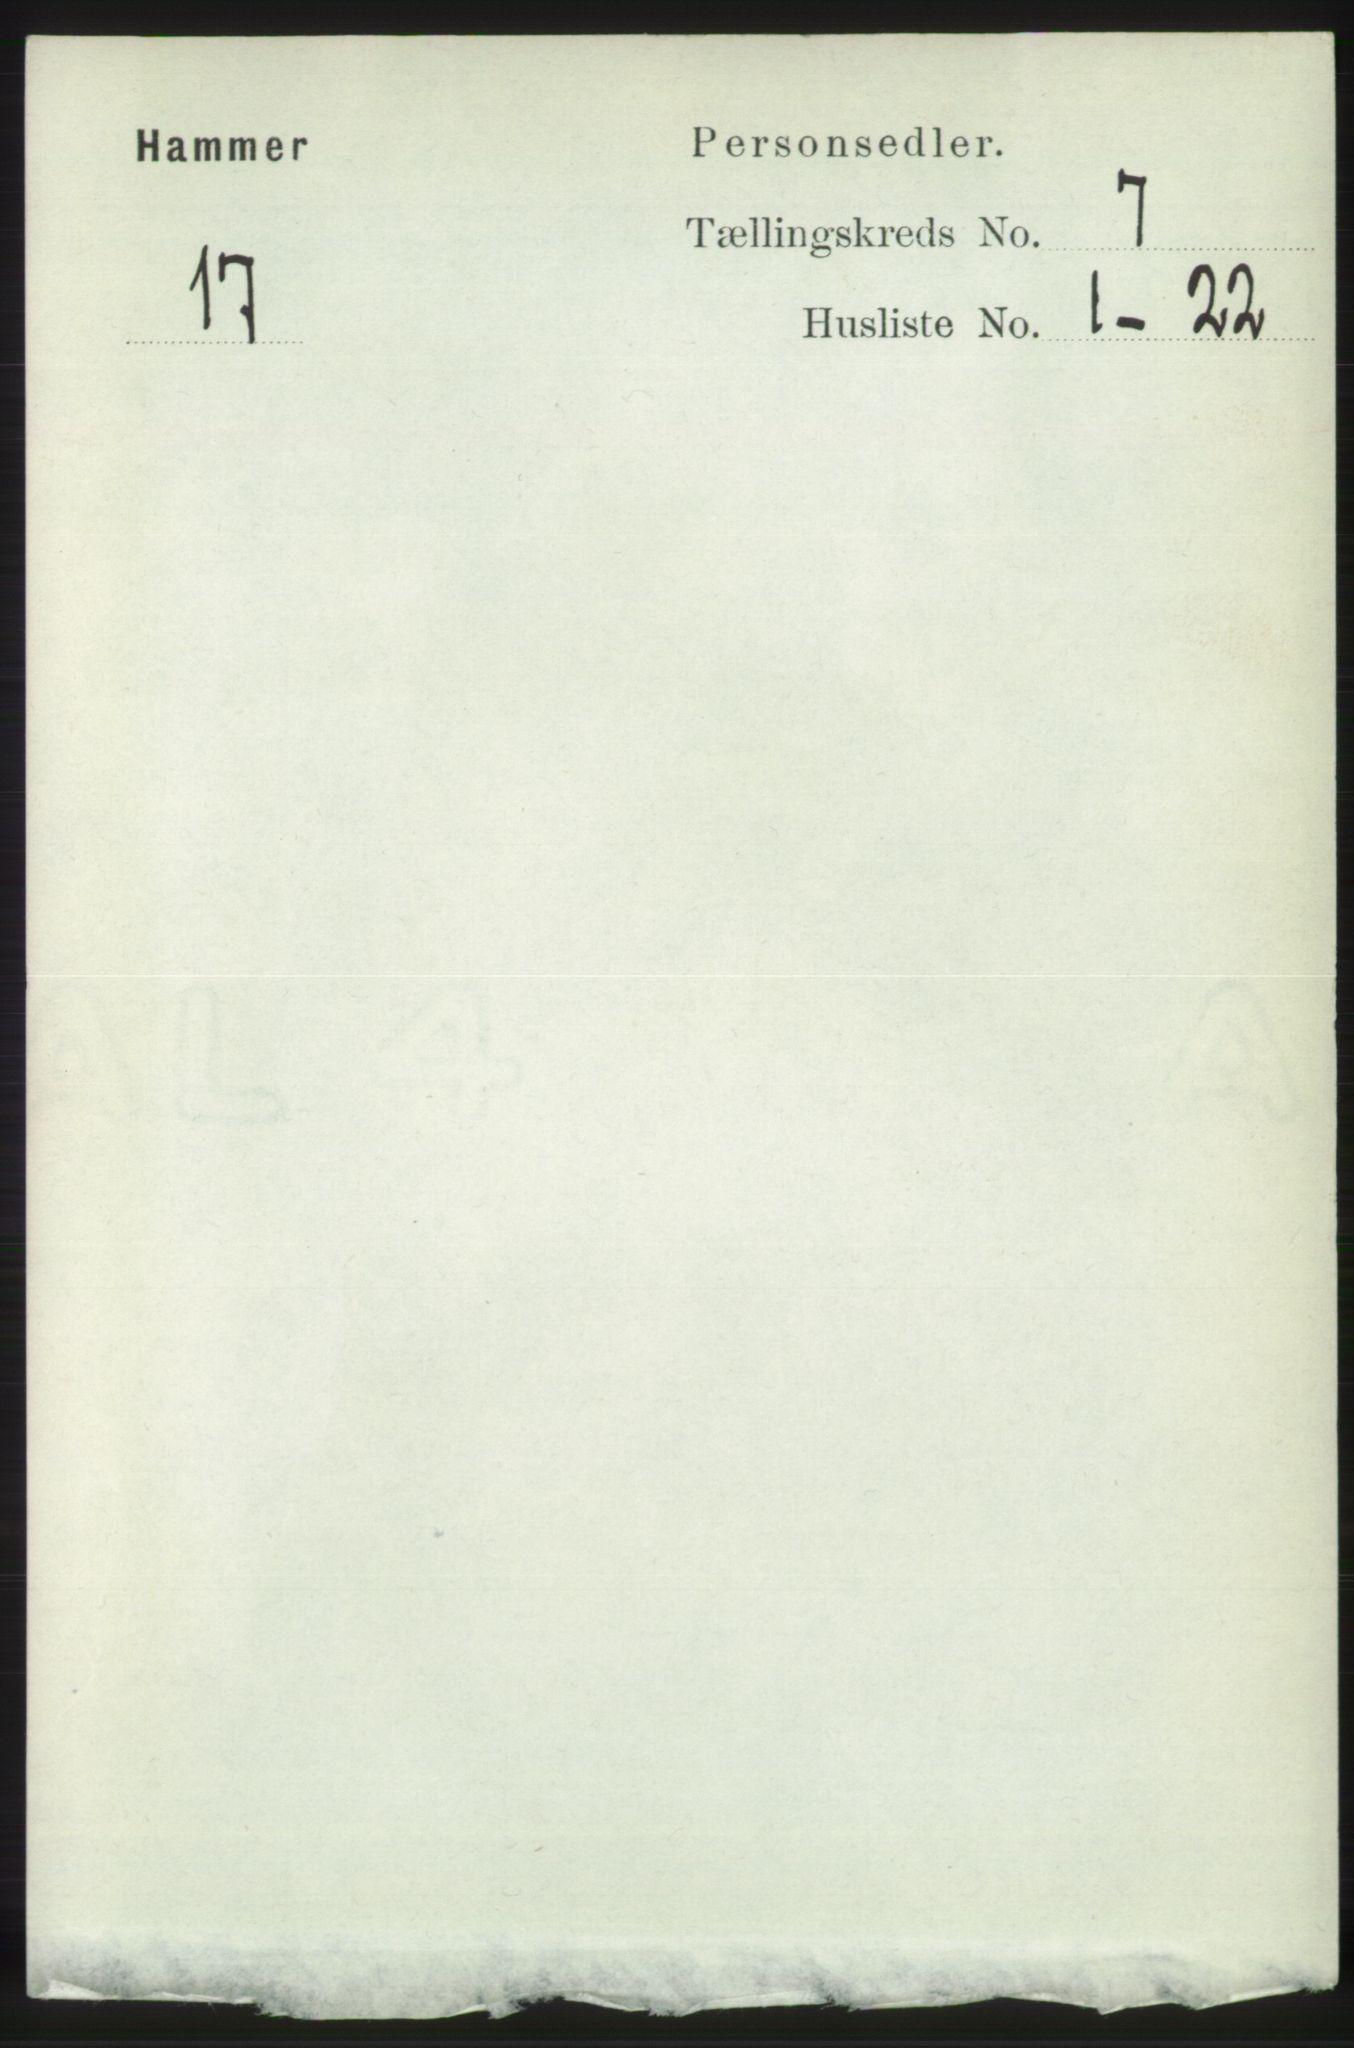 RA, Folketelling 1891 for 1254 Hamre herred, 1891, s. 1696